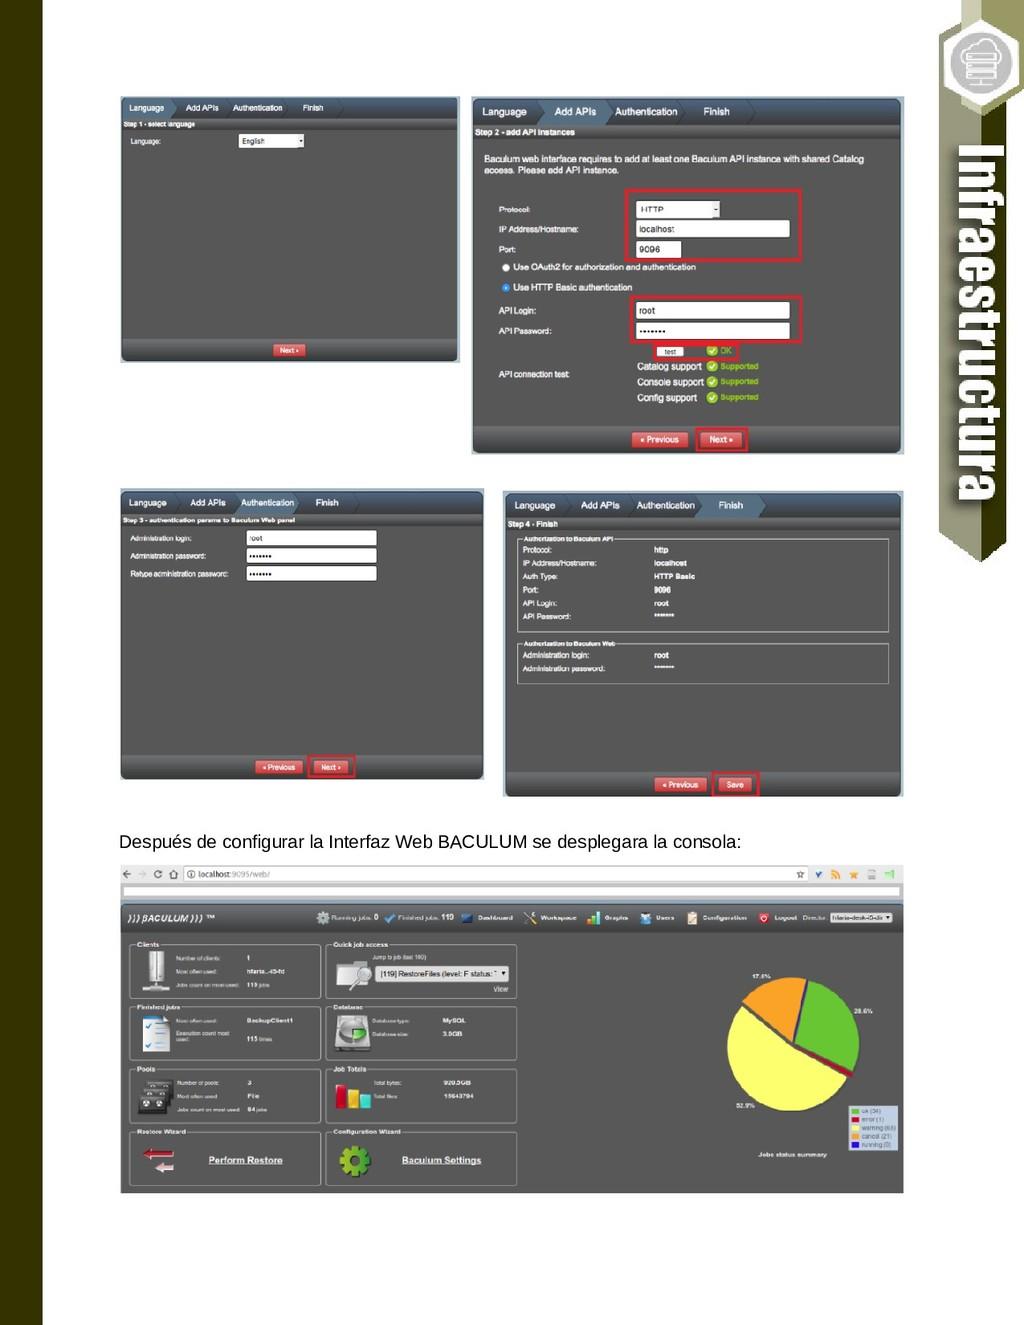 Después de configurar la Interfaz Web BACULUM s...